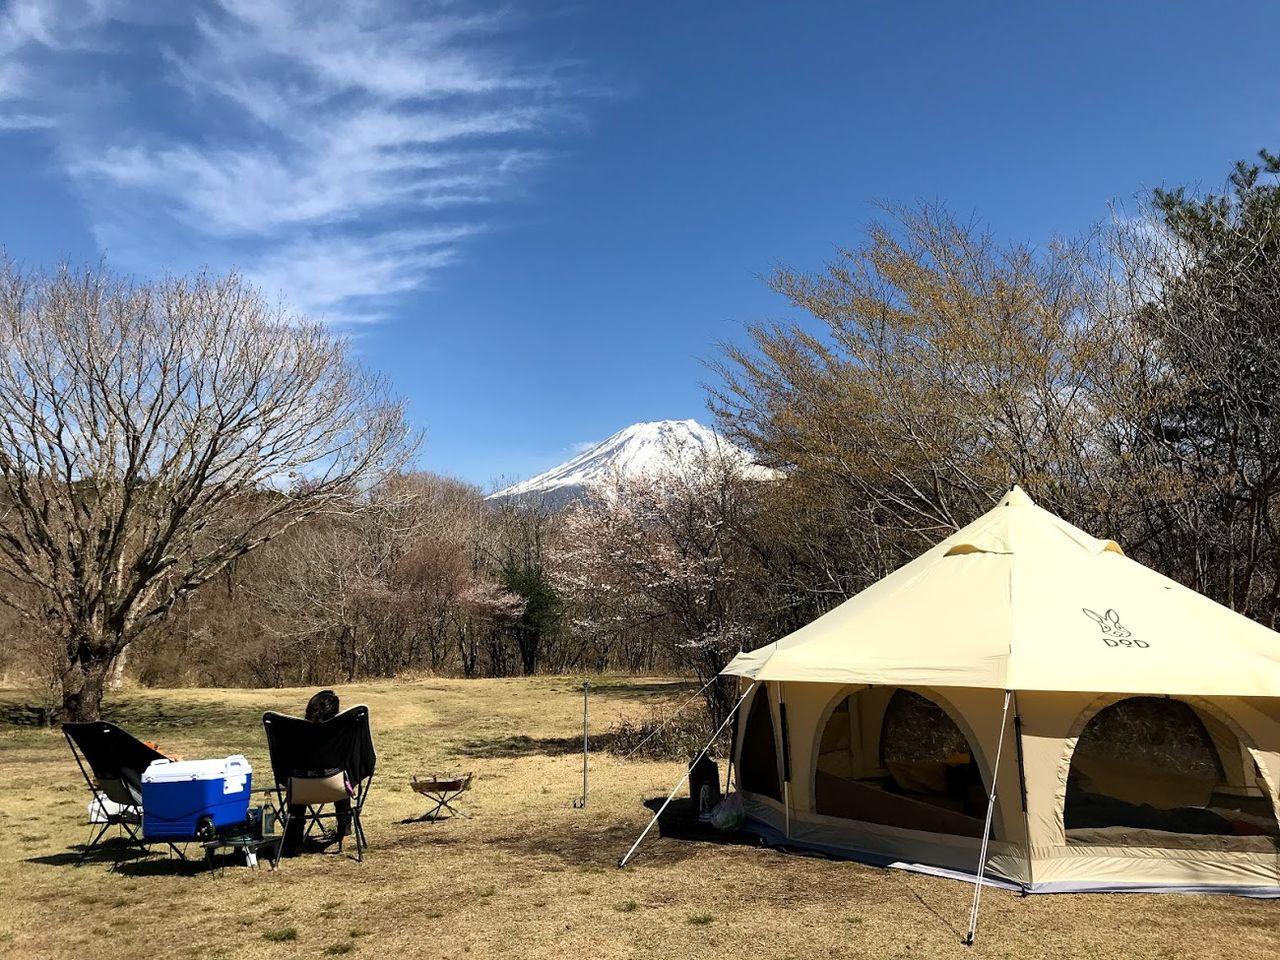 ジャンボリー オート キャンプ 場 朝霧